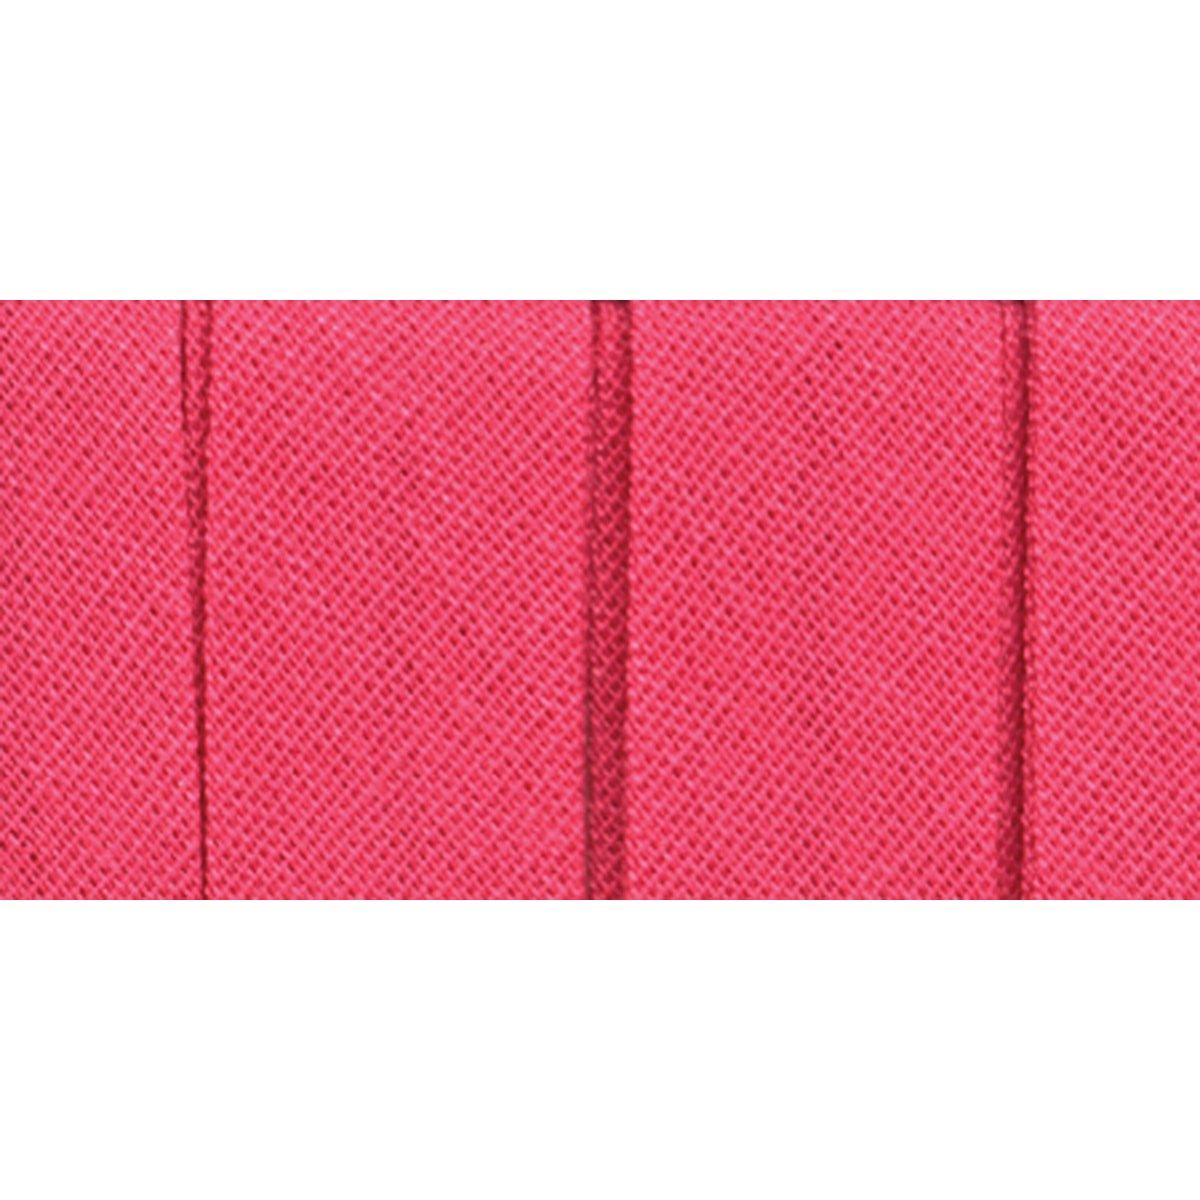 Yale Wrights 117-200-078 Single Fold Bias Tape 4-Yard